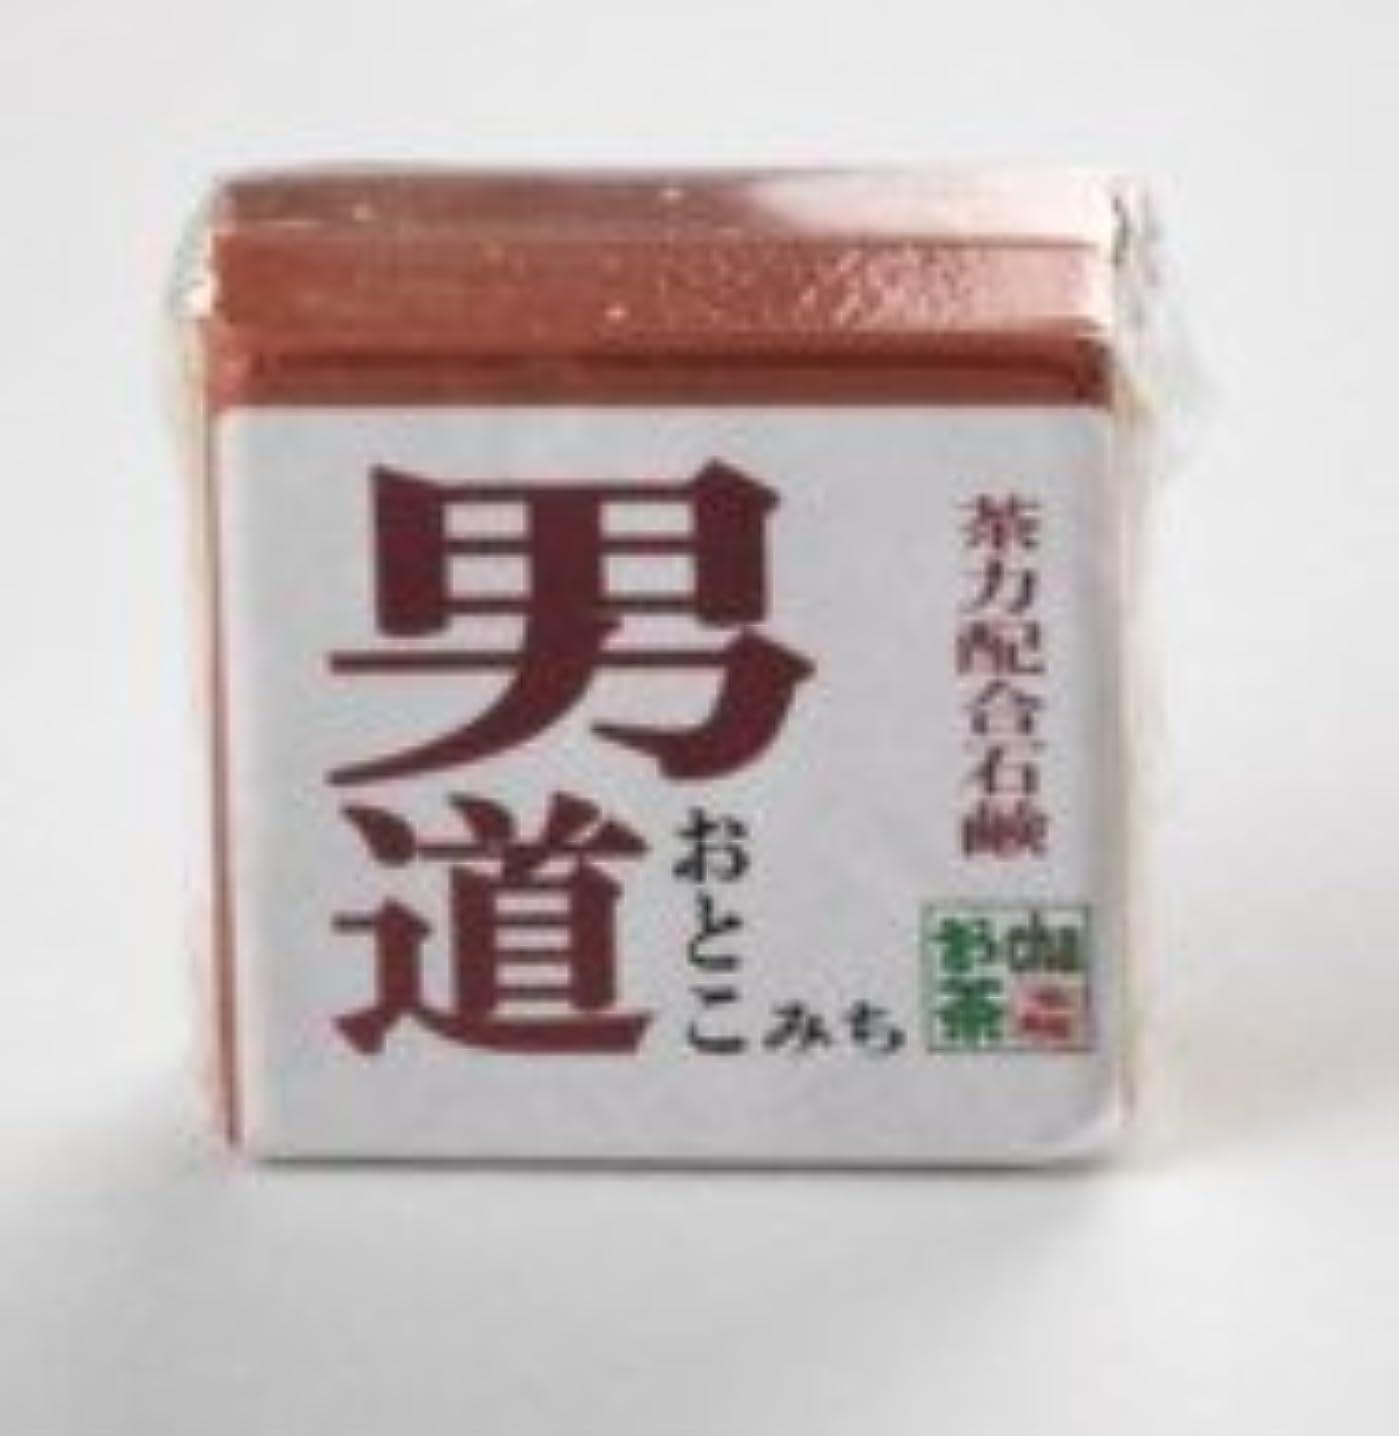 調整可能荷物既婚男性用無添加石鹸 『 男 道 』(おとこみち) 115g固形タイプ 抗菌力99.9%の日本初の無添加石鹸